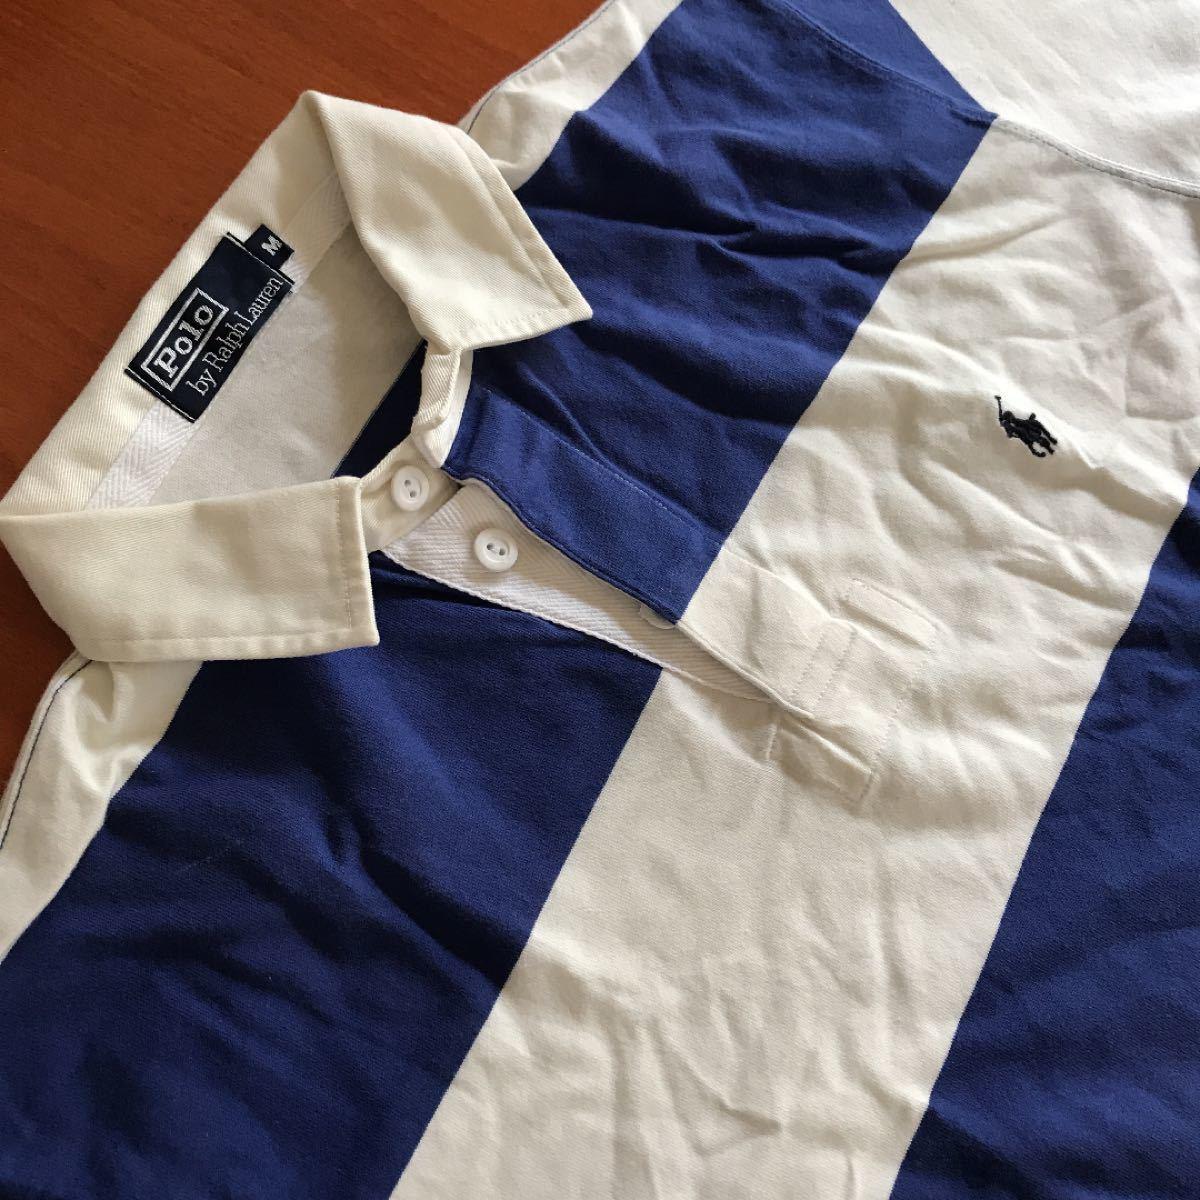 ポロラルフローレン半袖ポロシャツ M